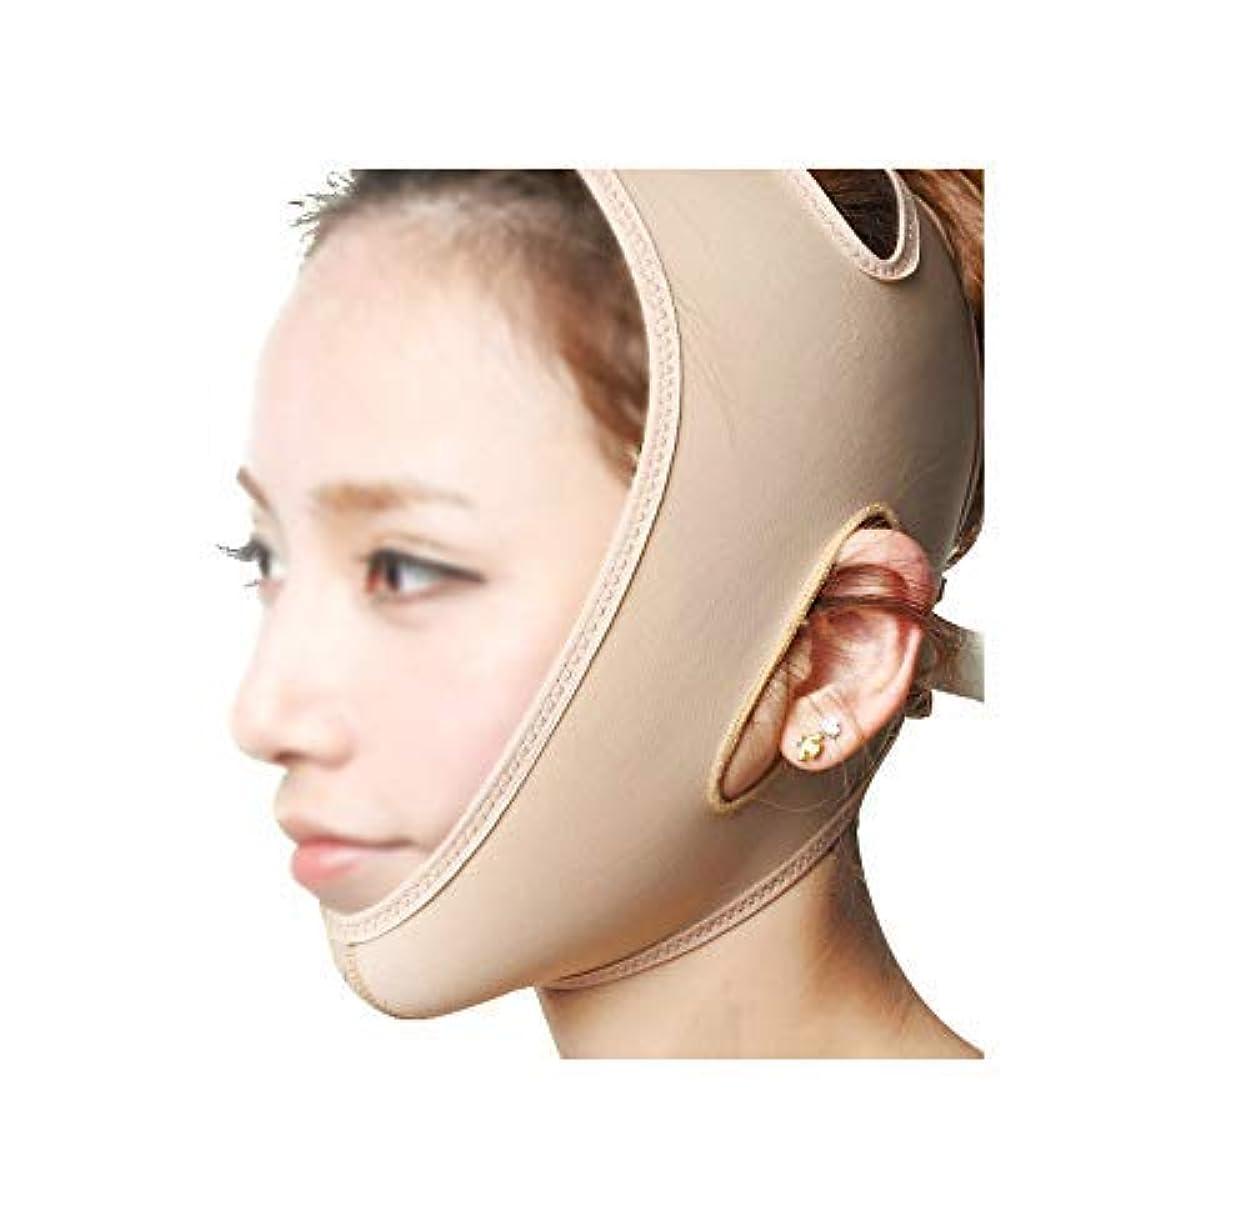 余分なリラックスリーフェイスリフティングバンデージ、フェイスマスク3Dパネルデザイン、通気性に優れたライクラ素材の物理的なVフェイス、美しい顔の輪郭の作成(サイズ:S),Xl